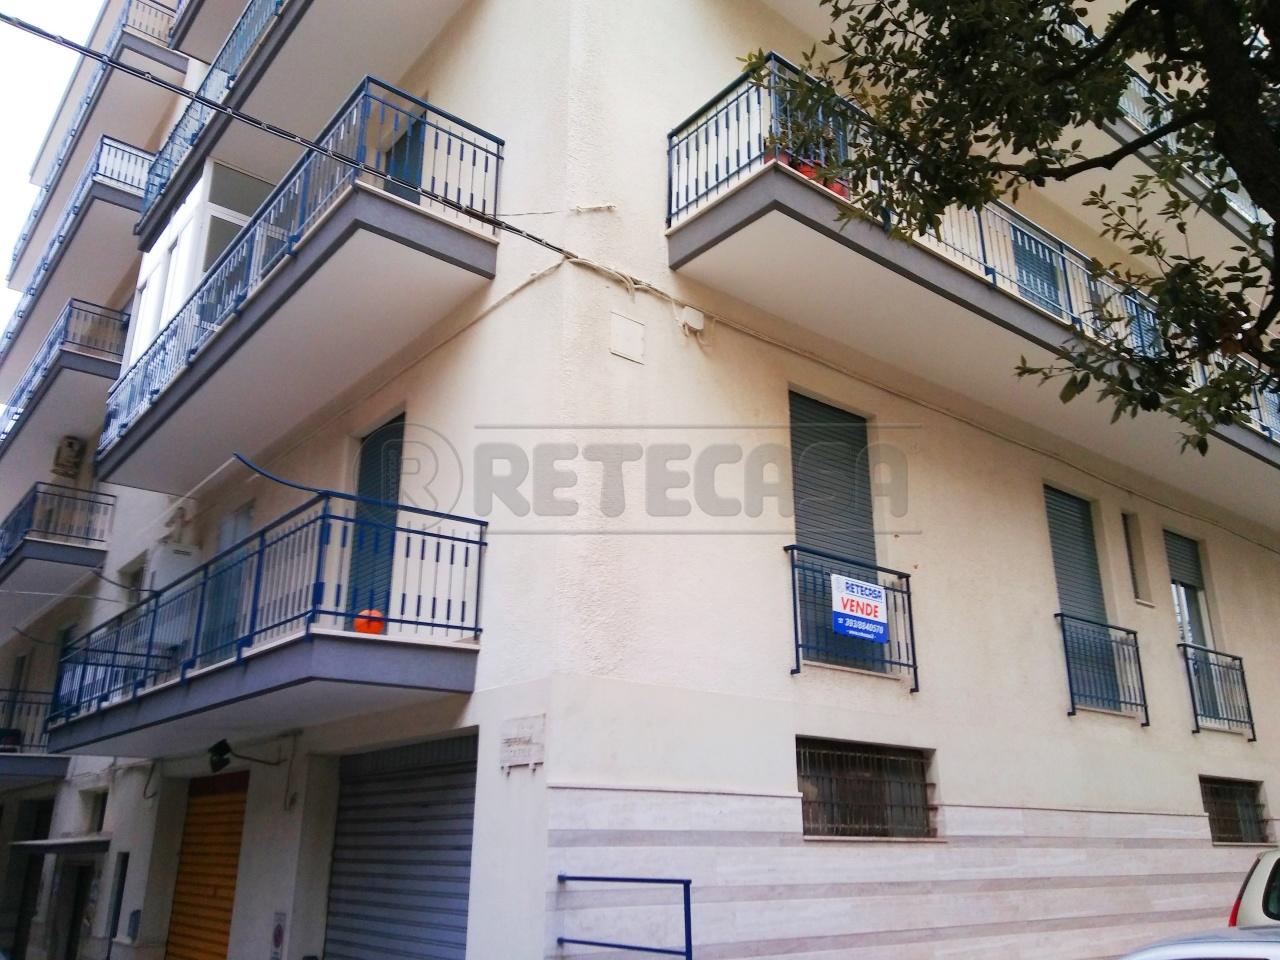 Appartamento in vendita a Locorotondo, 5 locali, prezzo € 152.000 | Cambio Casa.it